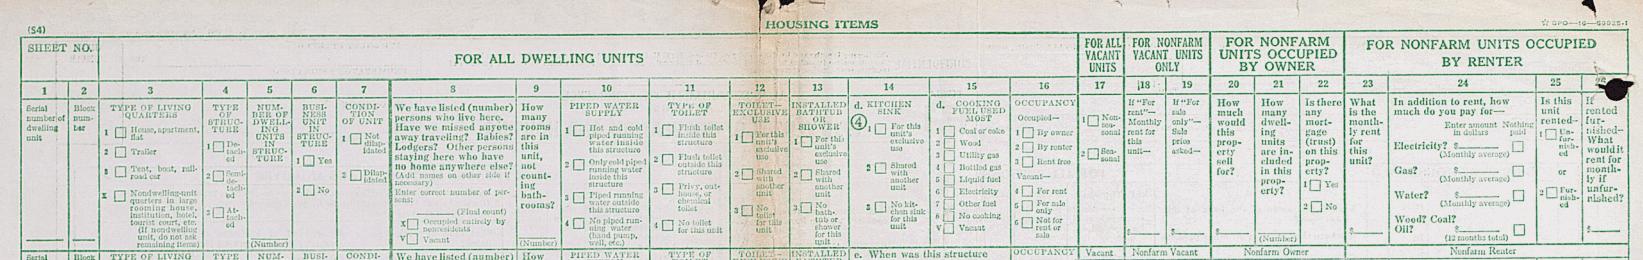 1950 census up close